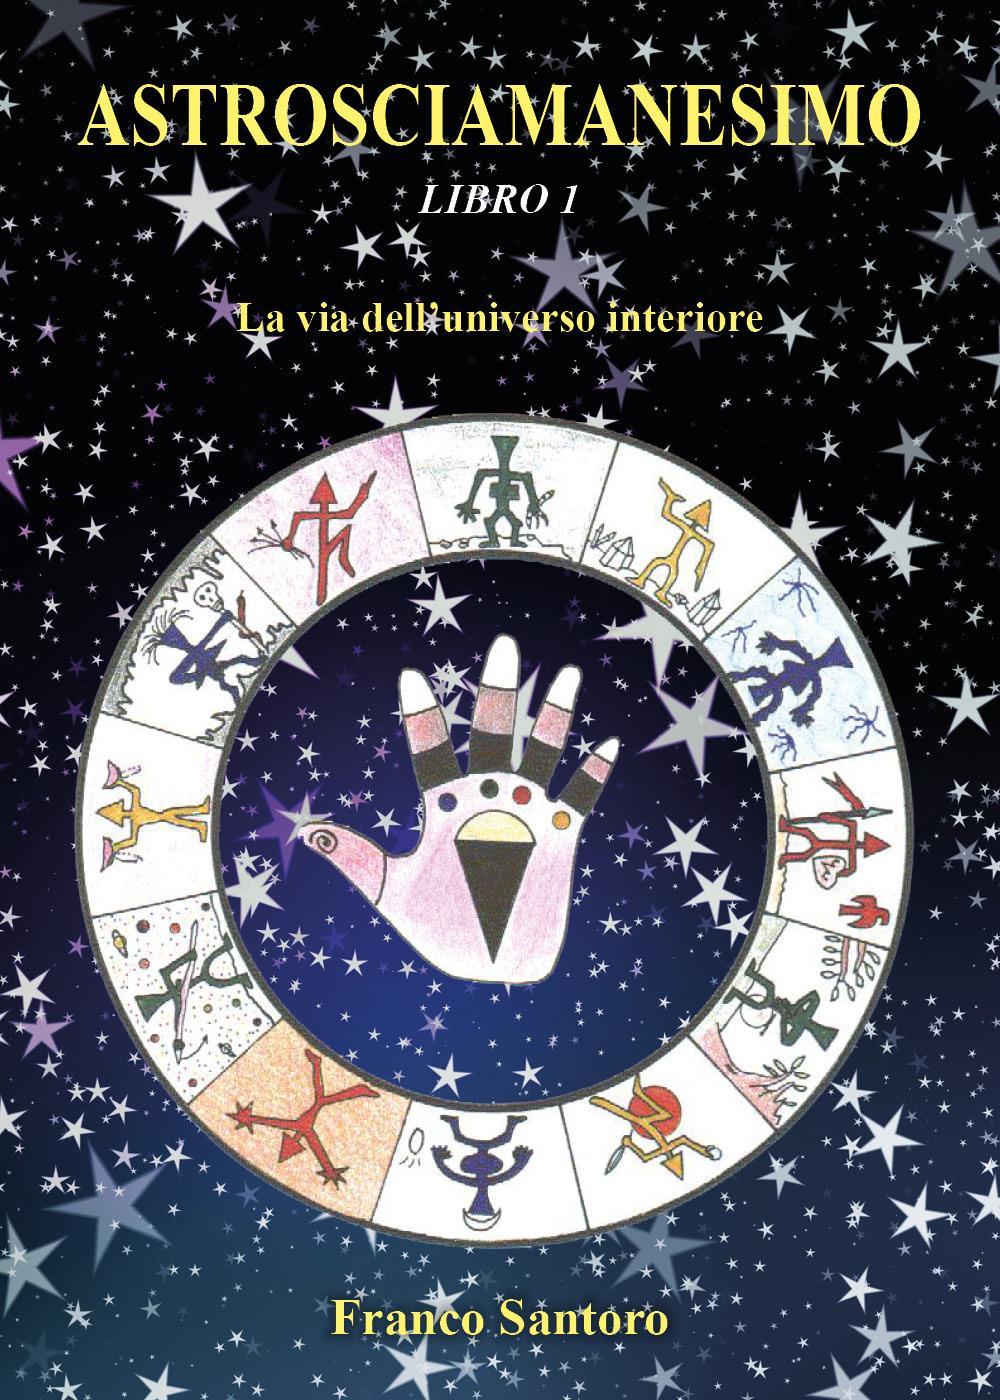 Astrosciamanesimo: La via dell'universo interiore